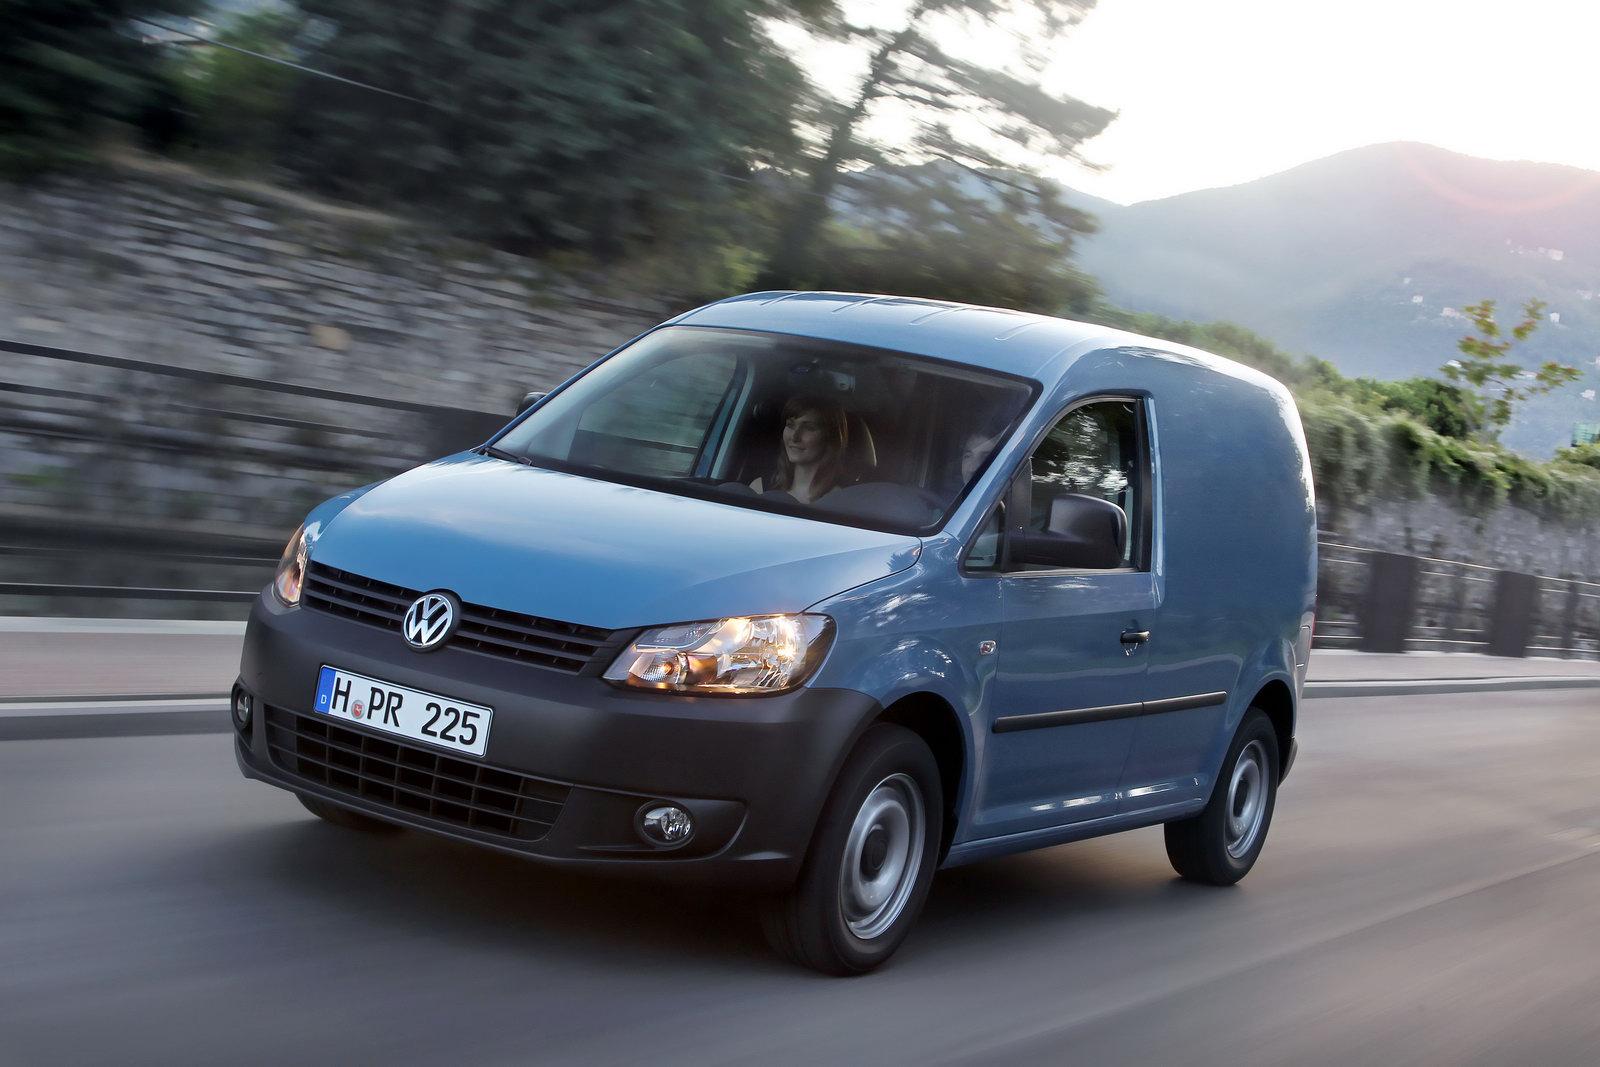 New caddy van deals quilts direct coupon new caddy van deals fandeluxe Choice Image